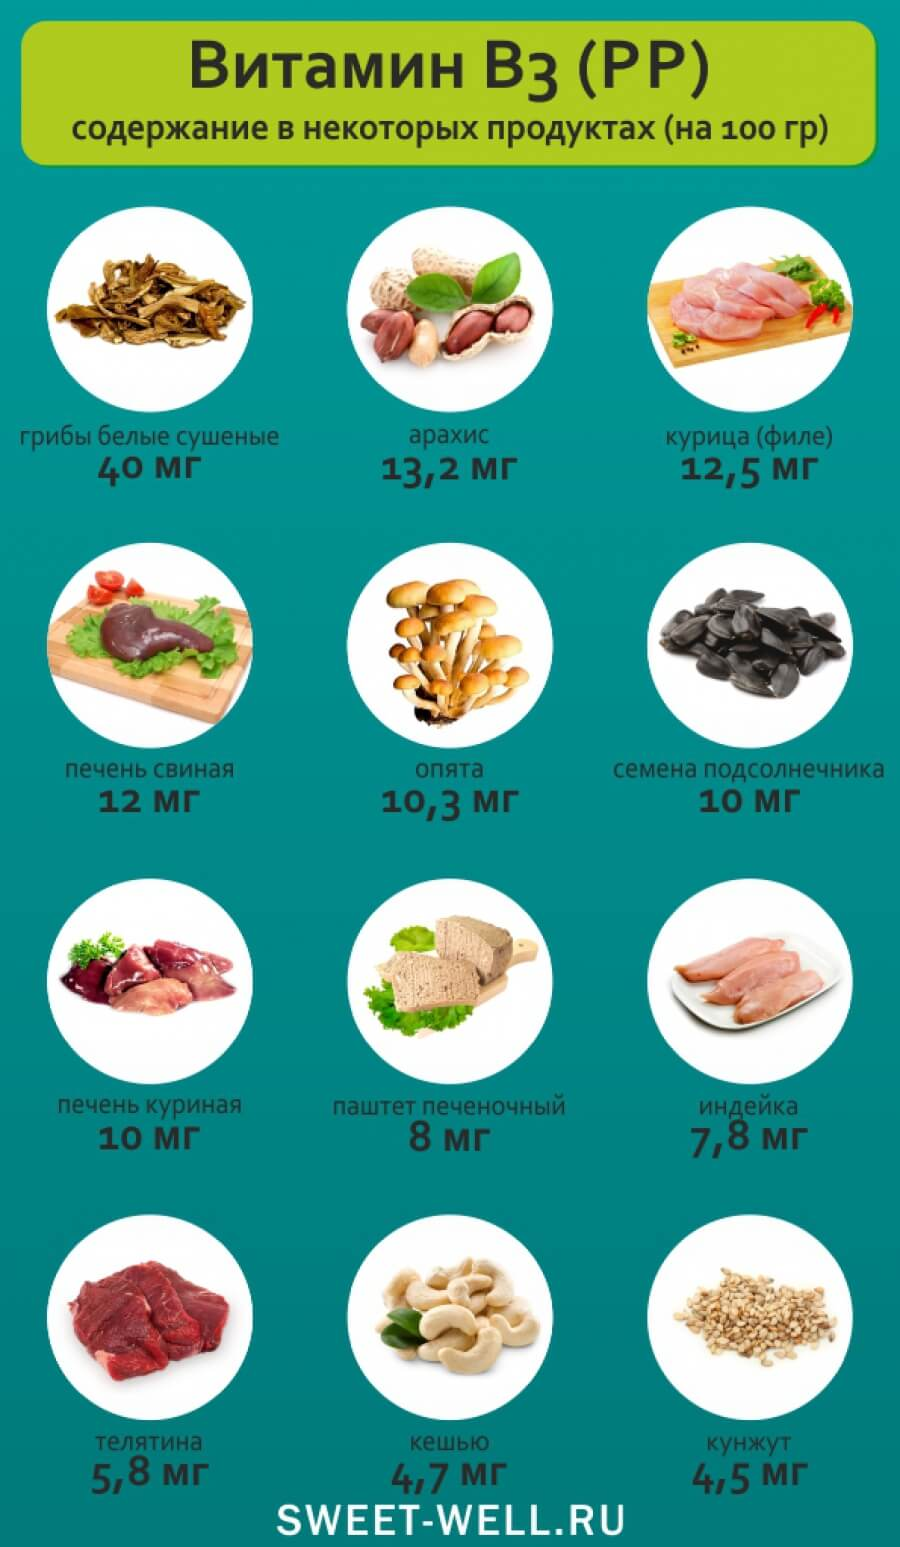 Продукты с витамином с: в каких содержится, список, таблица